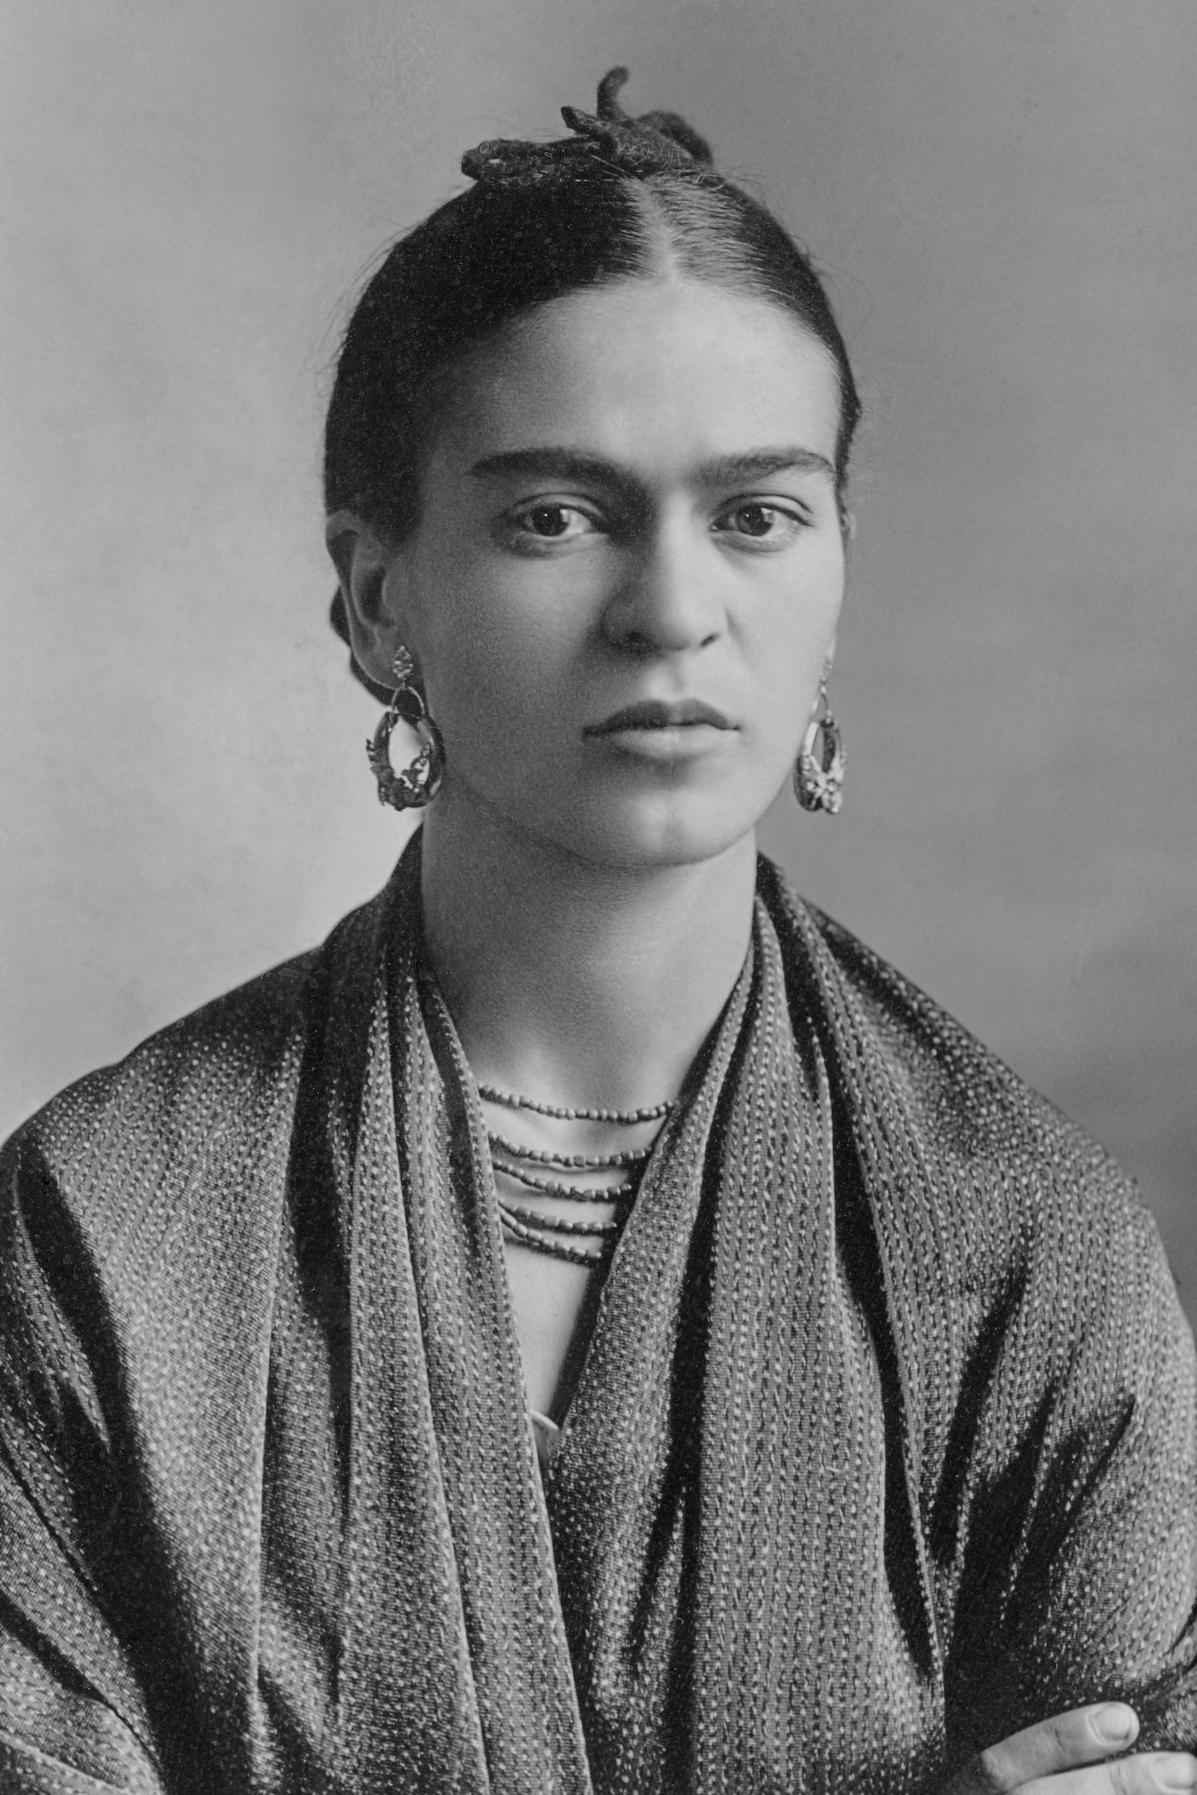 Niedlich Frida Kahlo Malvorlagen Bilder - Druckbare Malvorlagen ...